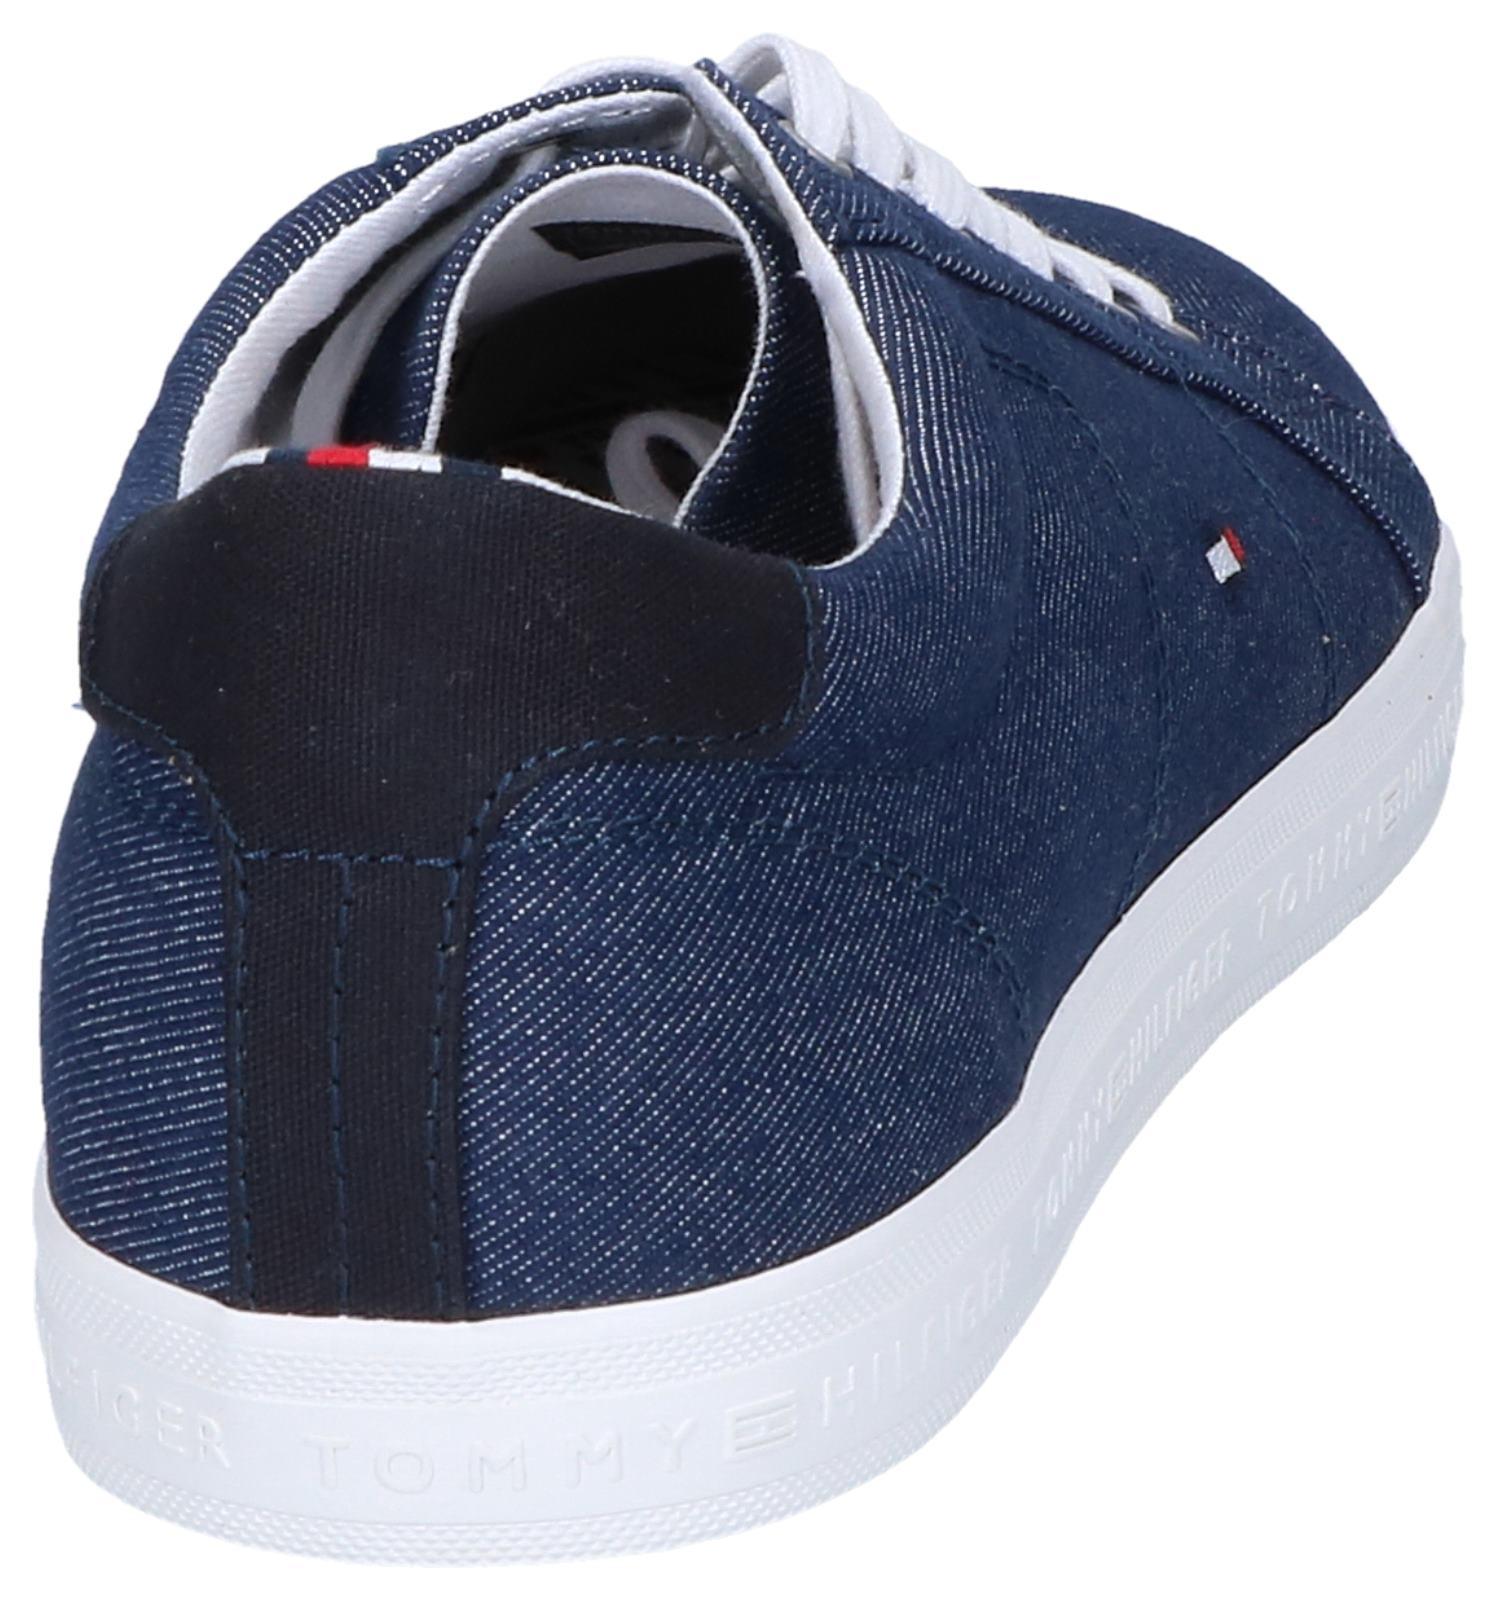 Sneakers Donkerblauwe Sneakers Hilfiger Tommy Hilfiger Donkerblauwe Tommy AjLqRc354S